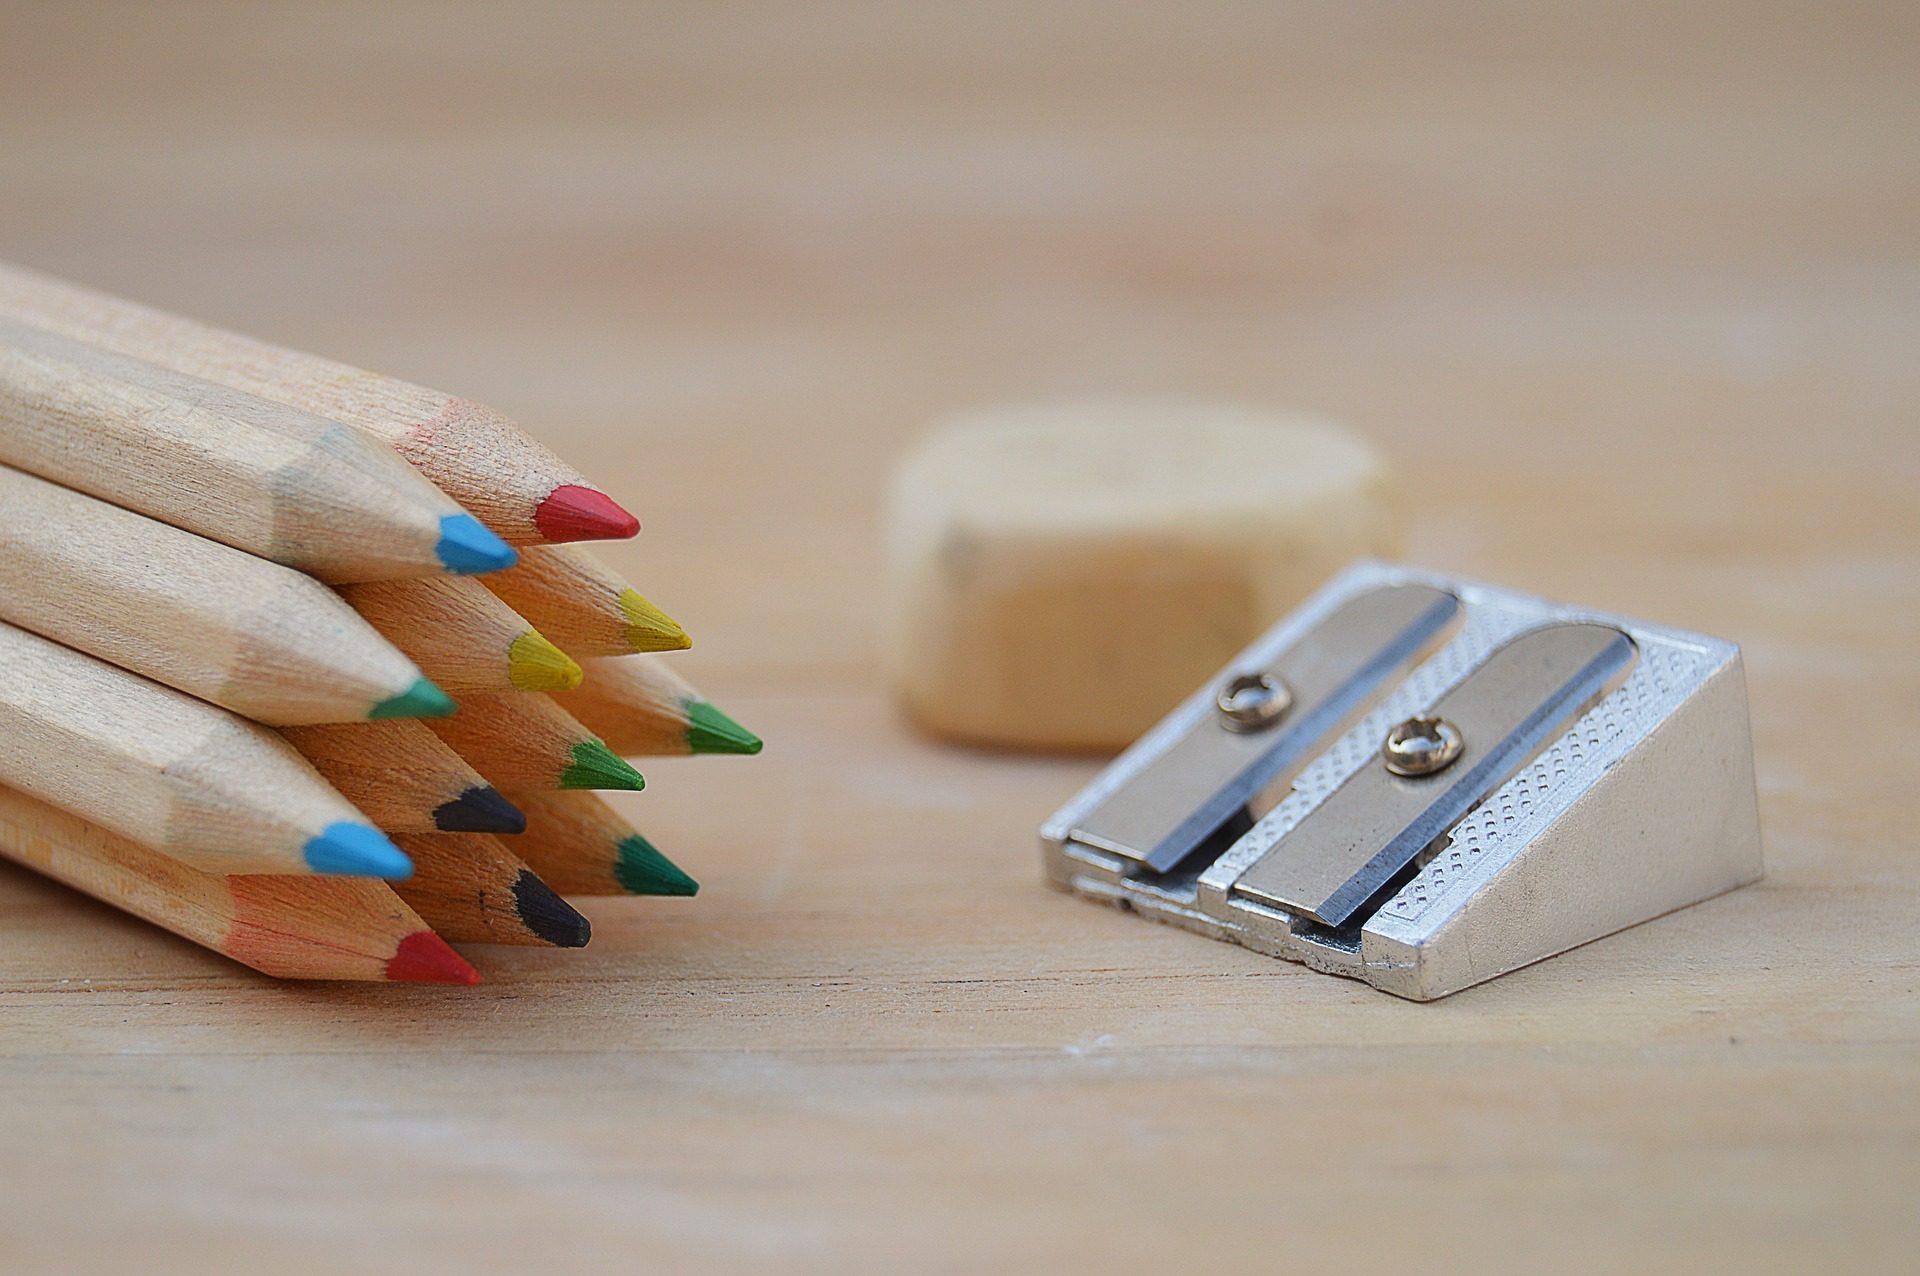 أقلام الرصاص, الخشب, الألوان, قلم رصاص المبرأة, المطاط - خلفيات عالية الدقة - أستاذ falken.com